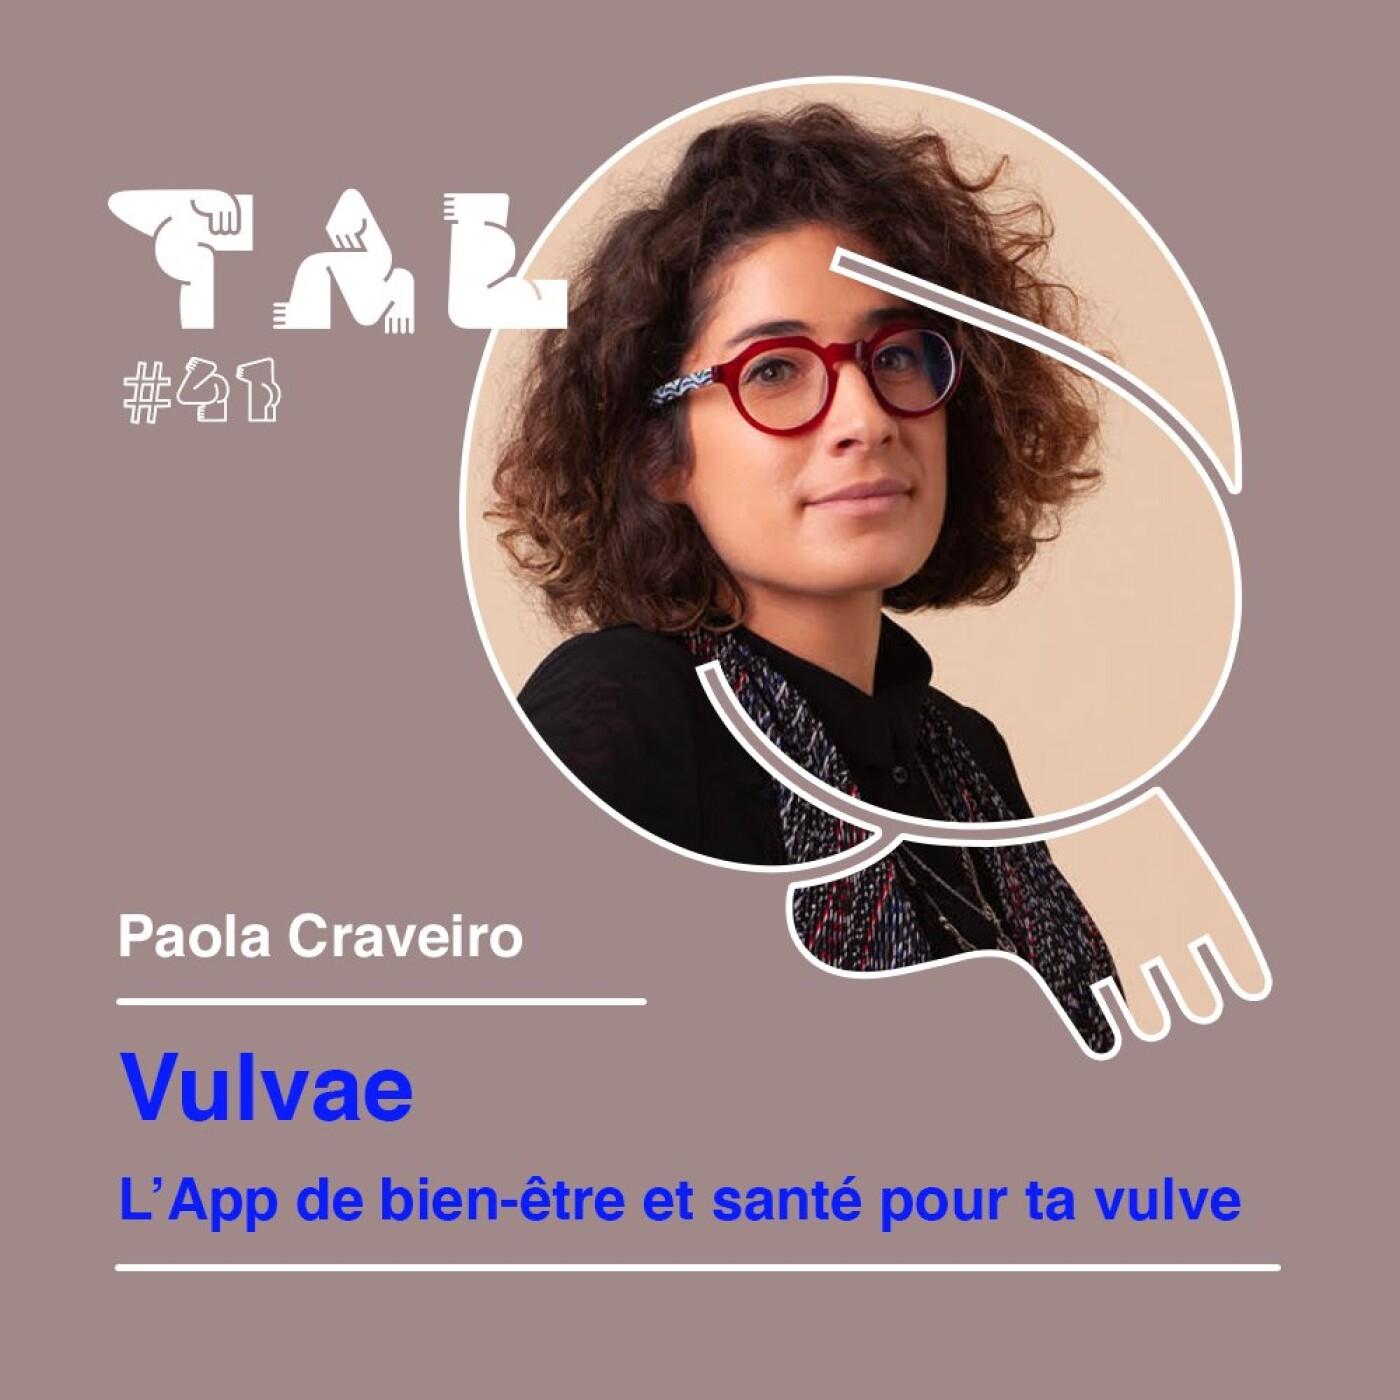 #41 - Paola Craveiro - Vulvae : l'Application de bien-être et santé pour ta vulve